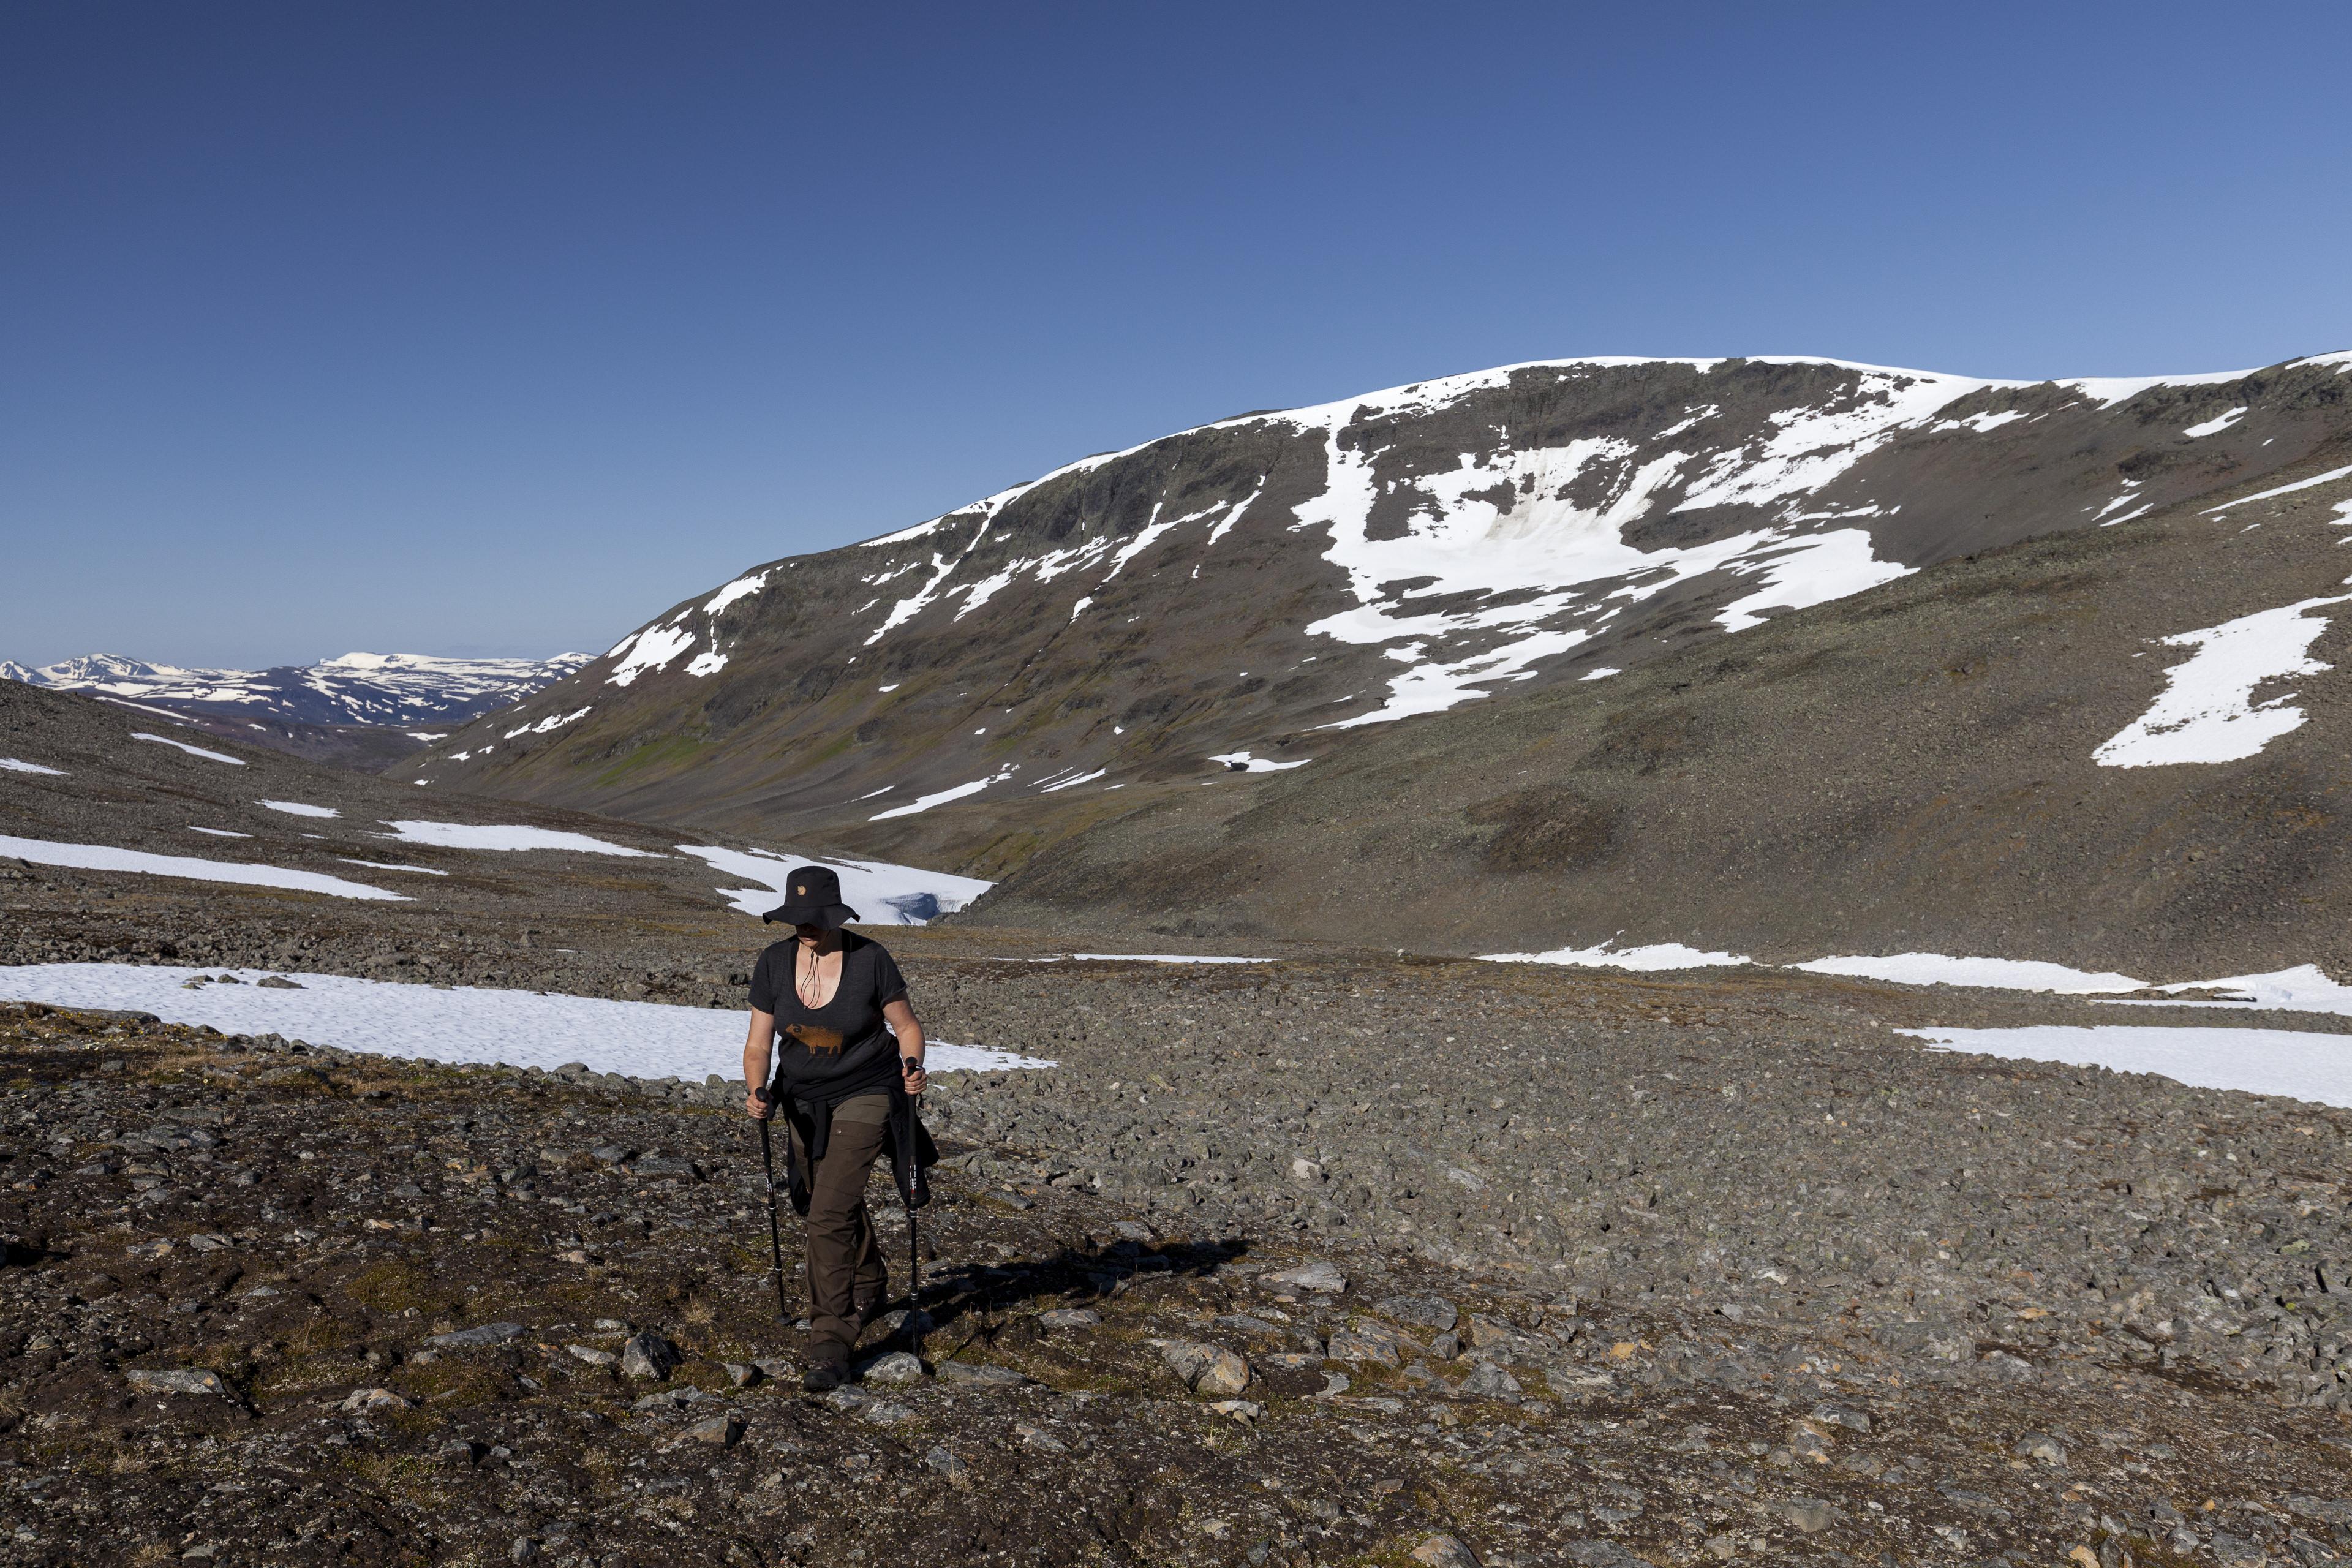 Elisbeth beim Aufstieg durch das Seitental des Sinnivággi,©Markus Proske—Canon EOS 5D Mark II, EF16-35mm f/4L IS USM, 30mm, 1/500s, Blende 8, ISO 200